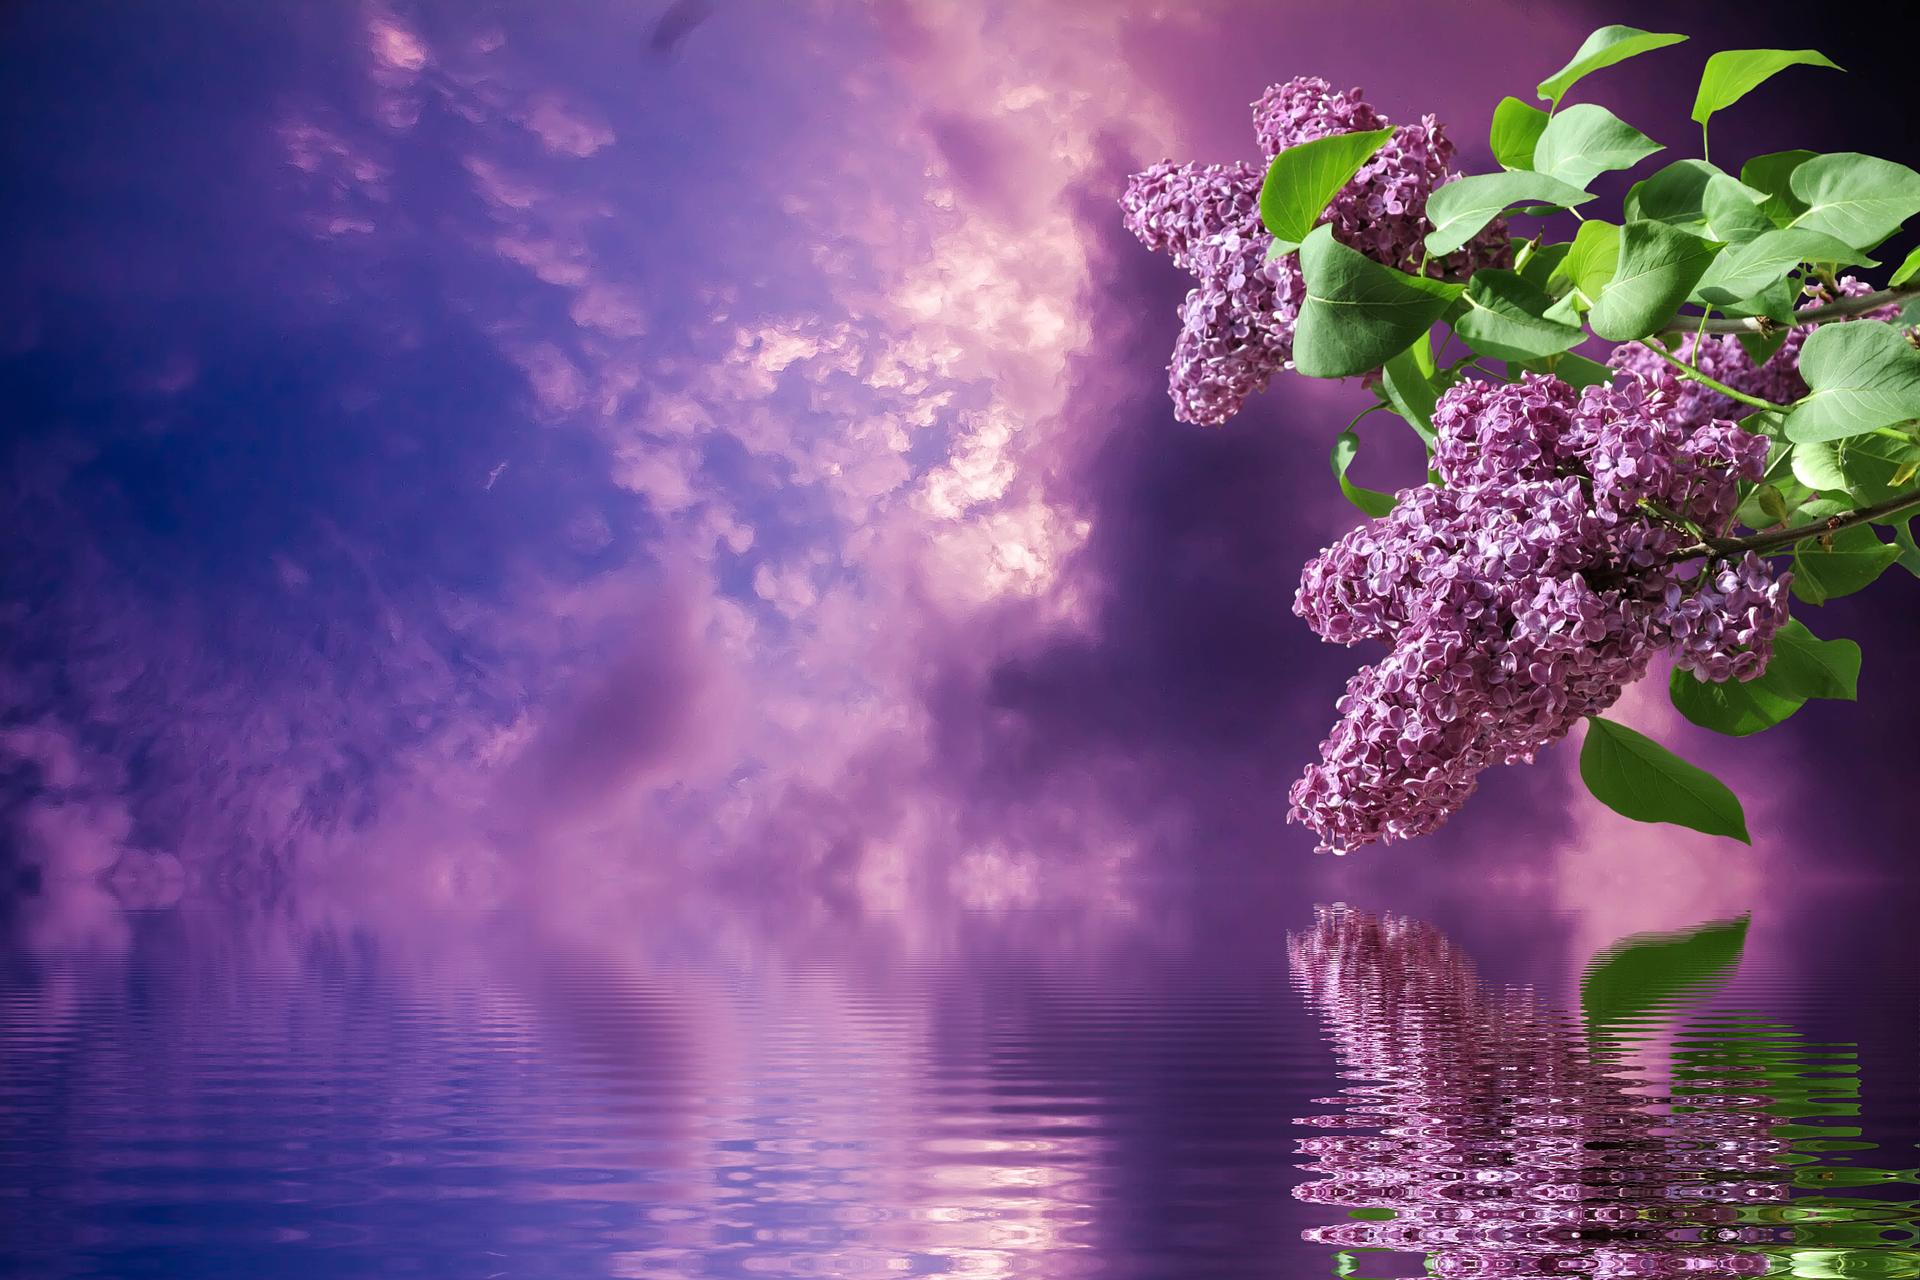 Lila ist Farbe des Jahres – violette Schwemme im Container?